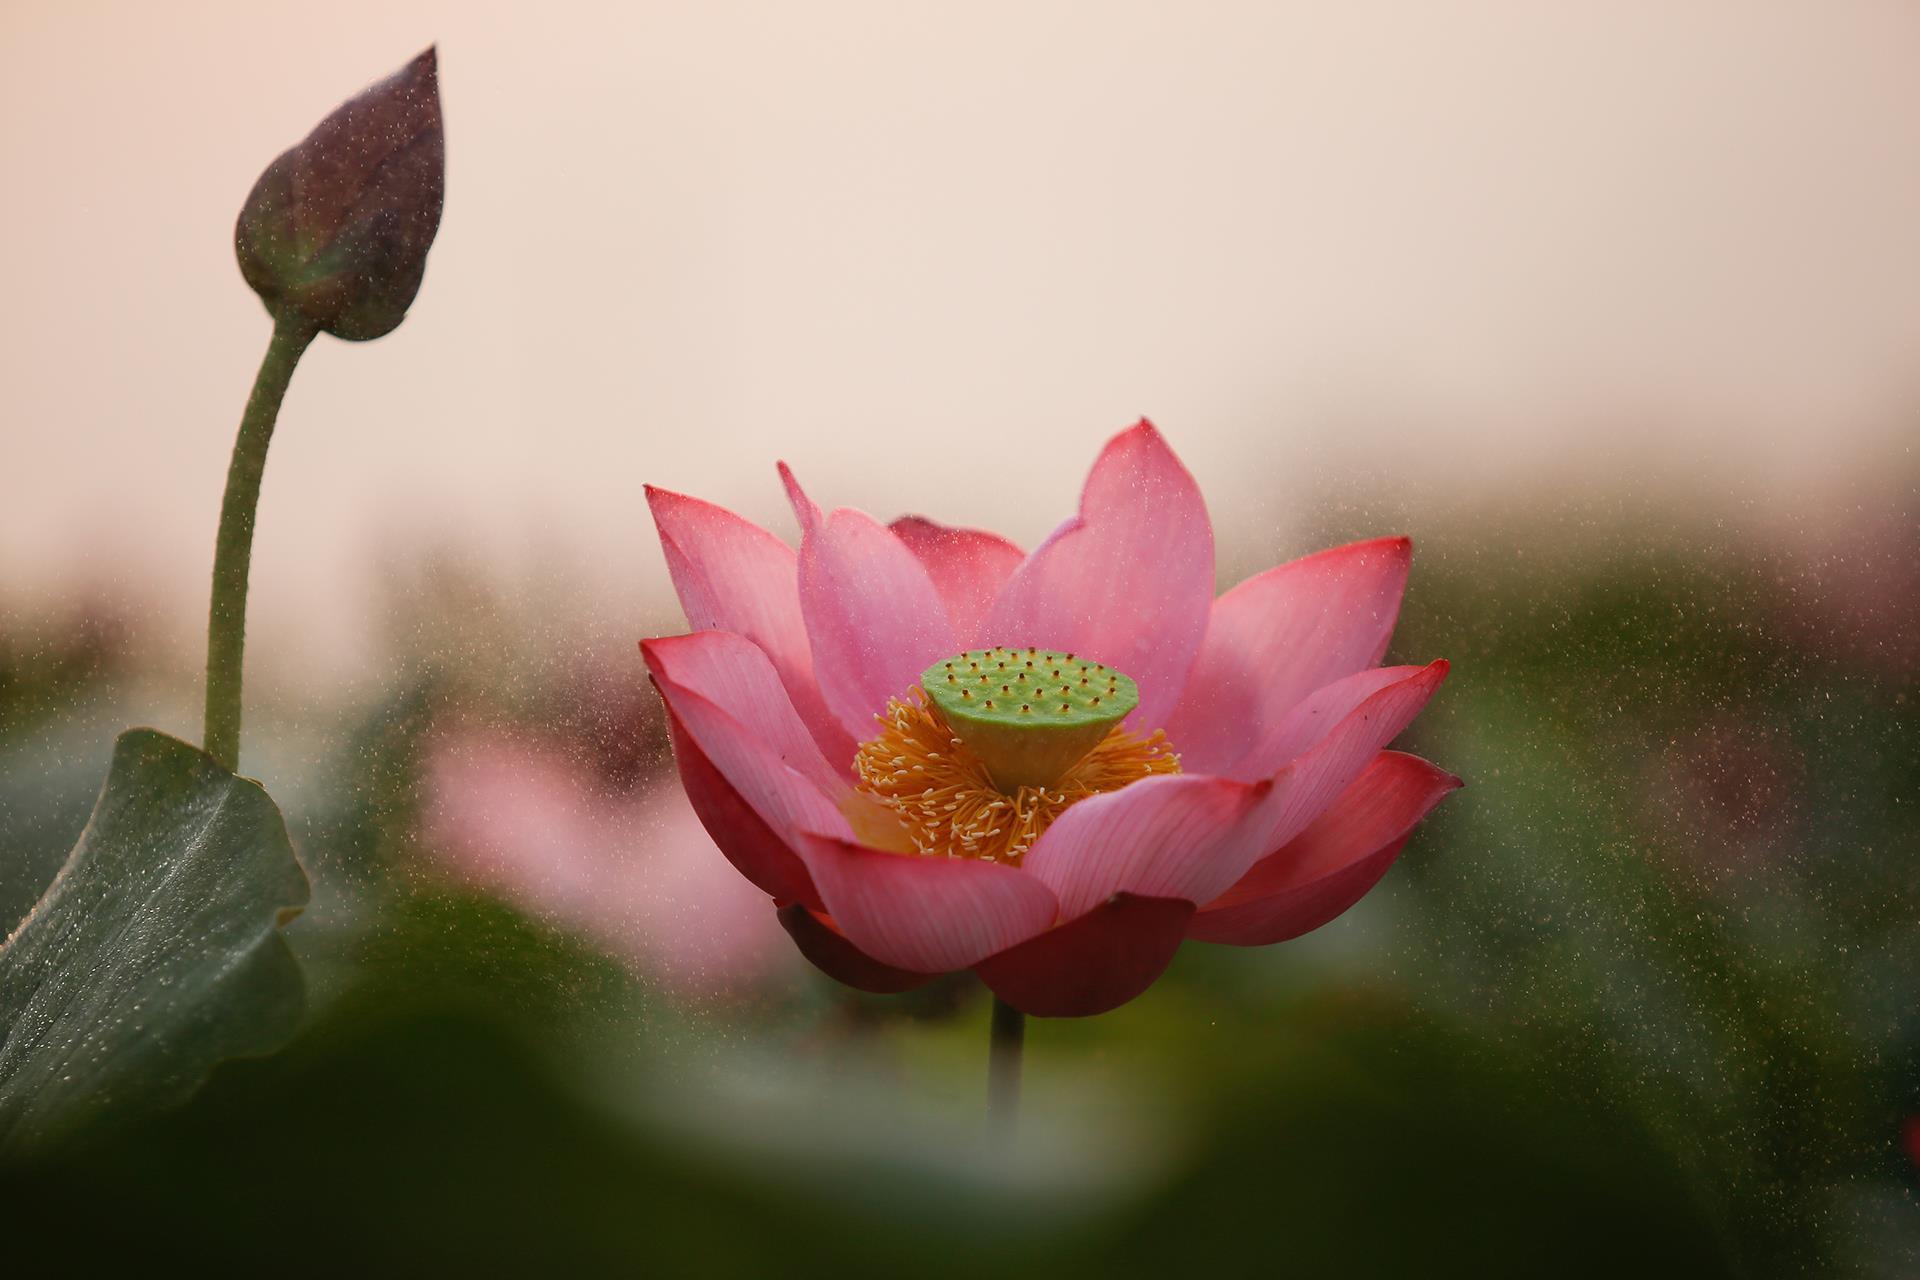 Hoa sen trong buổi chiều tà